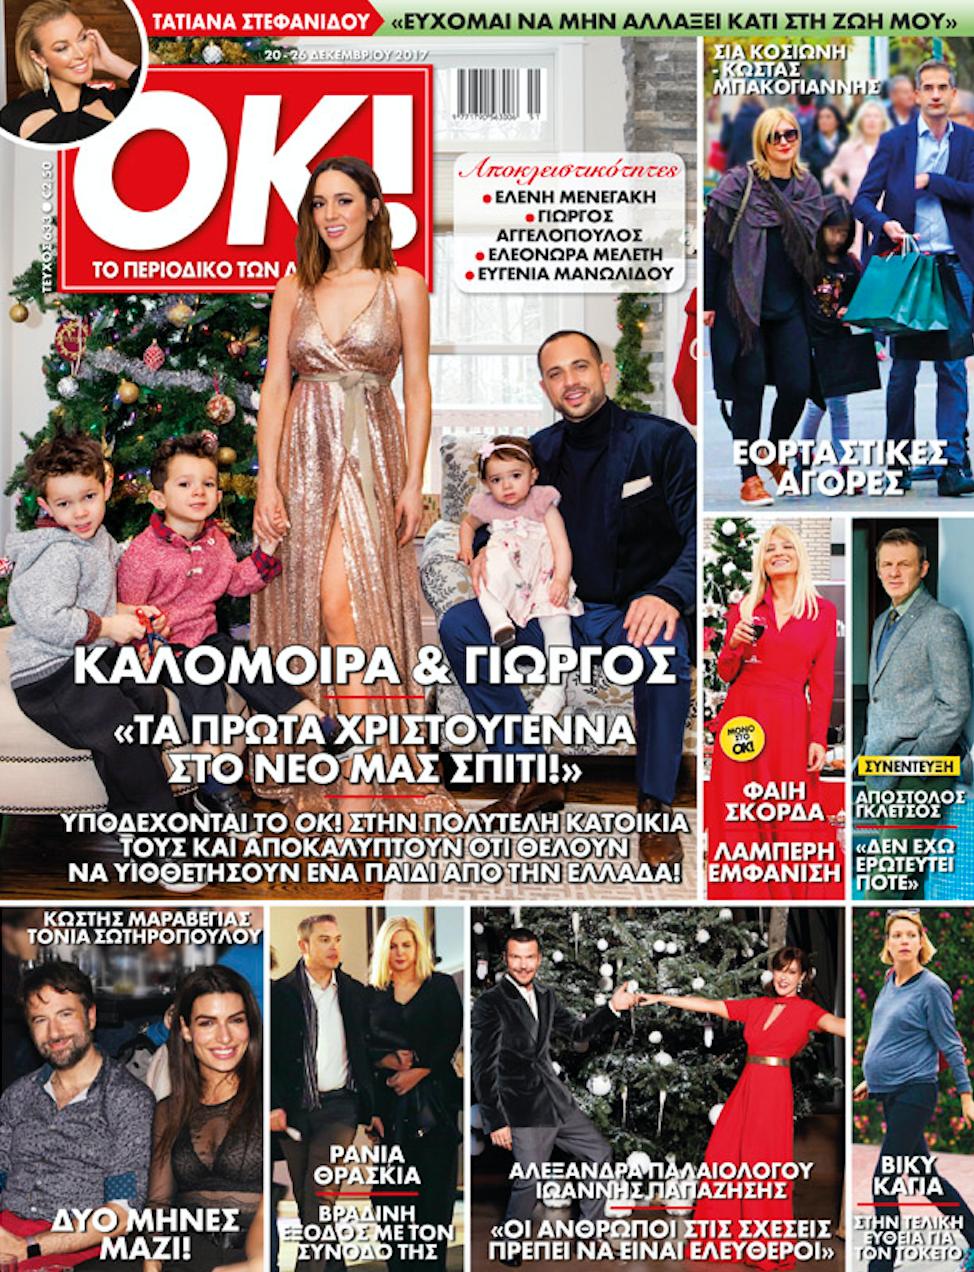 OK! Greece